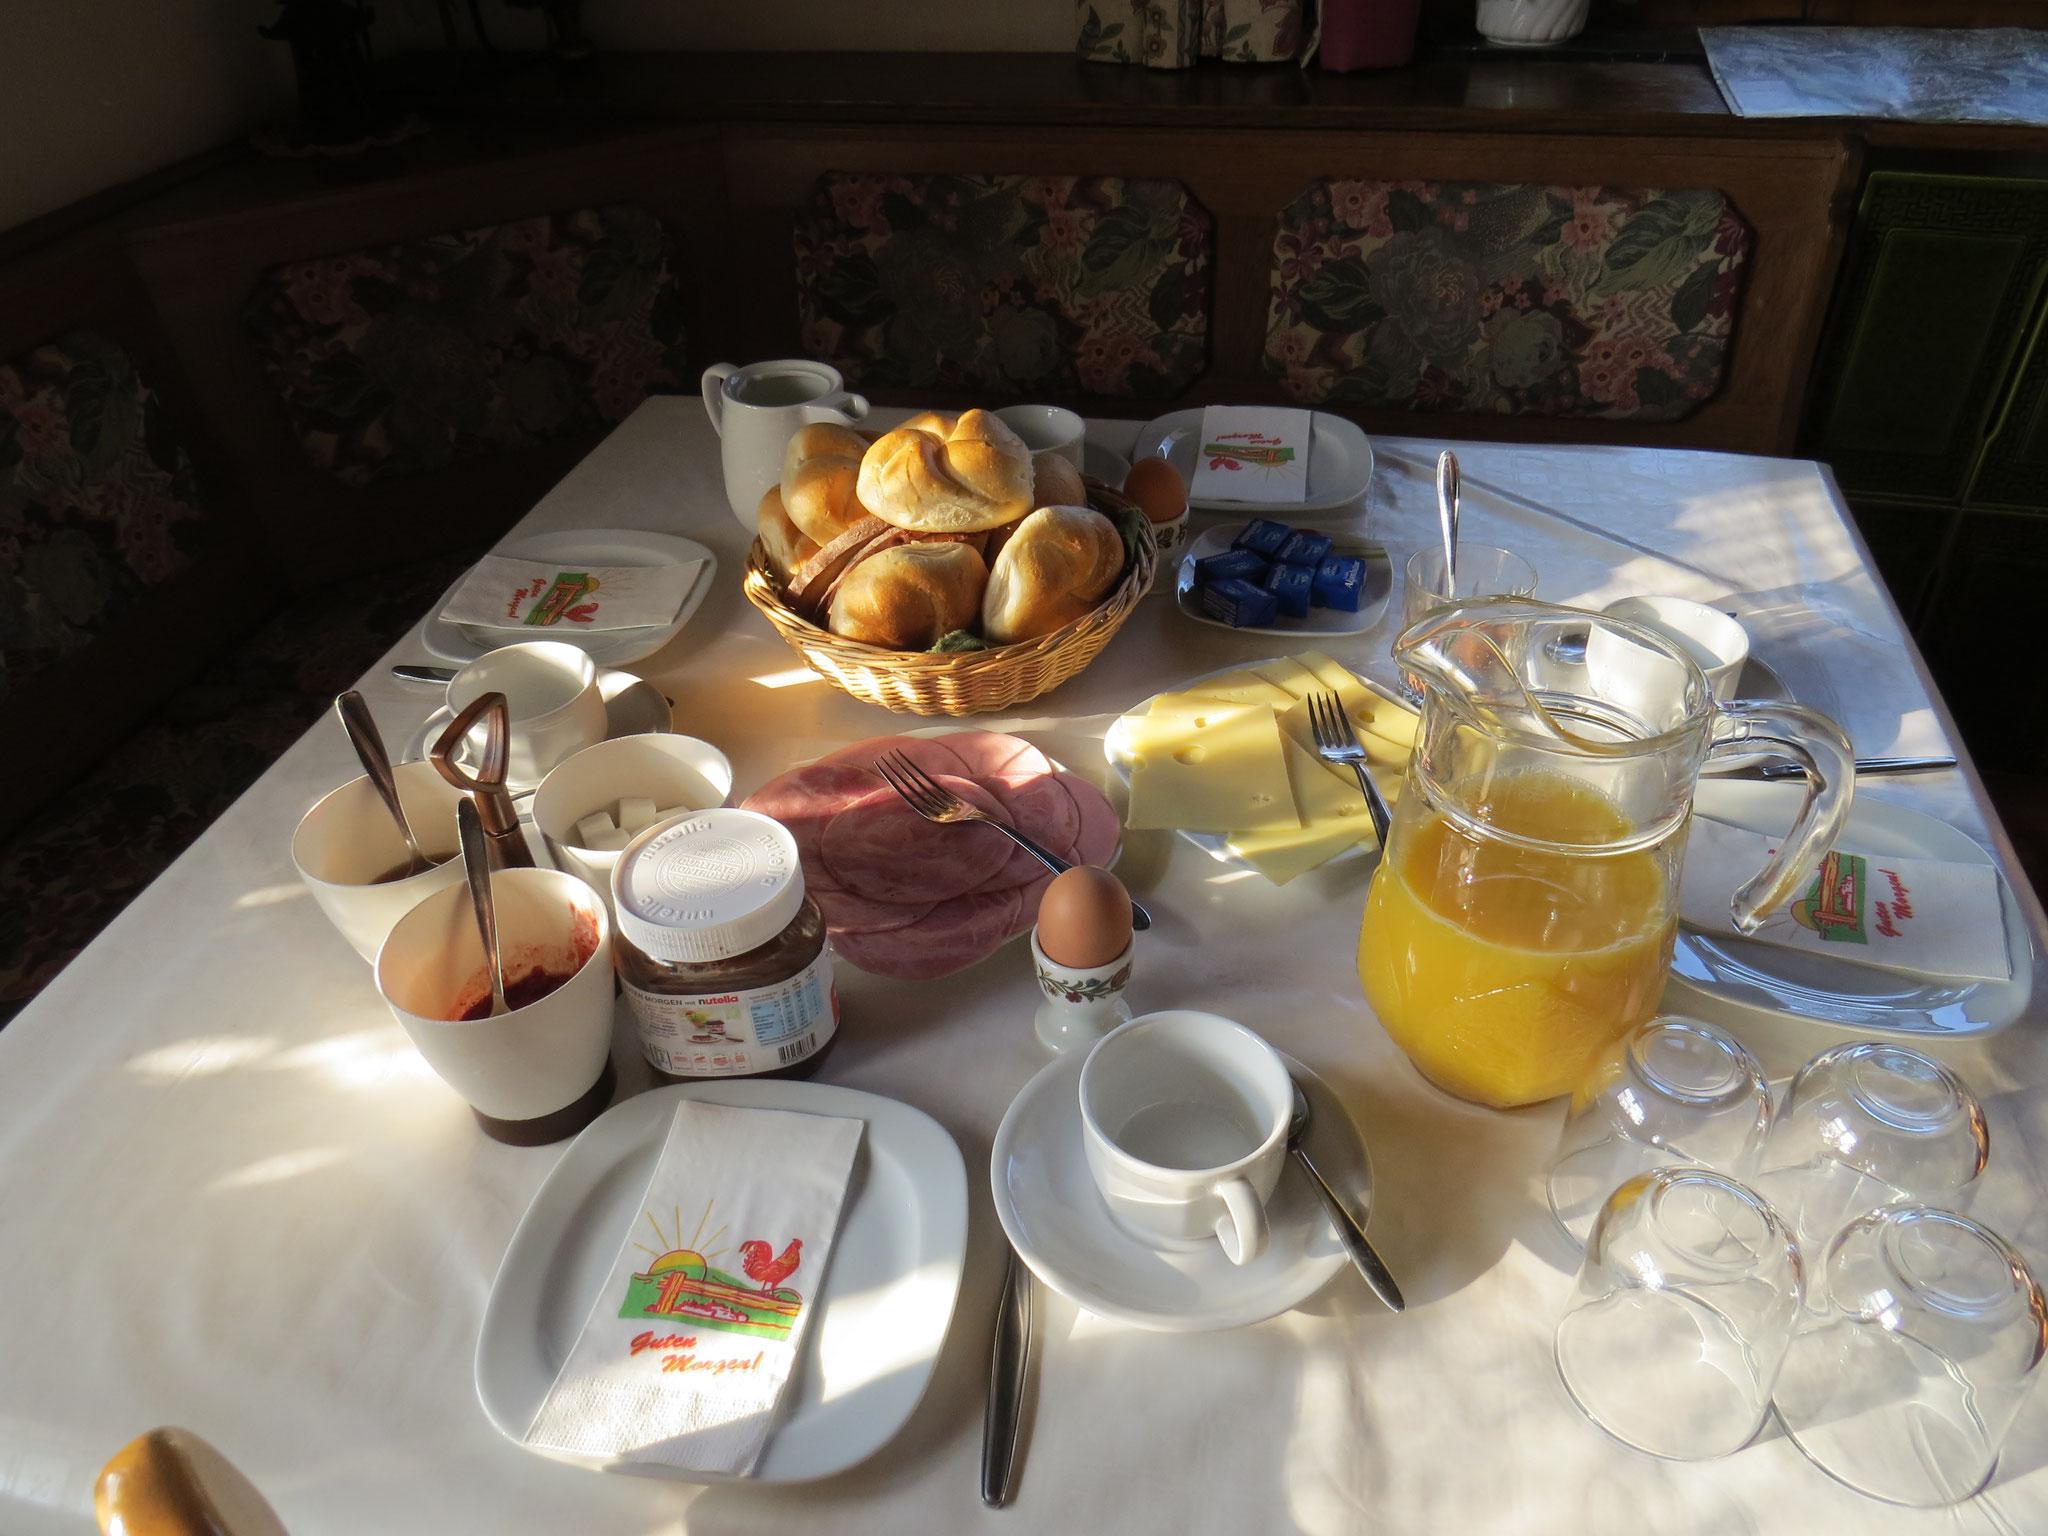 Frühstück, Biohof Haus Wieser, Abtenau, Salzburg Land